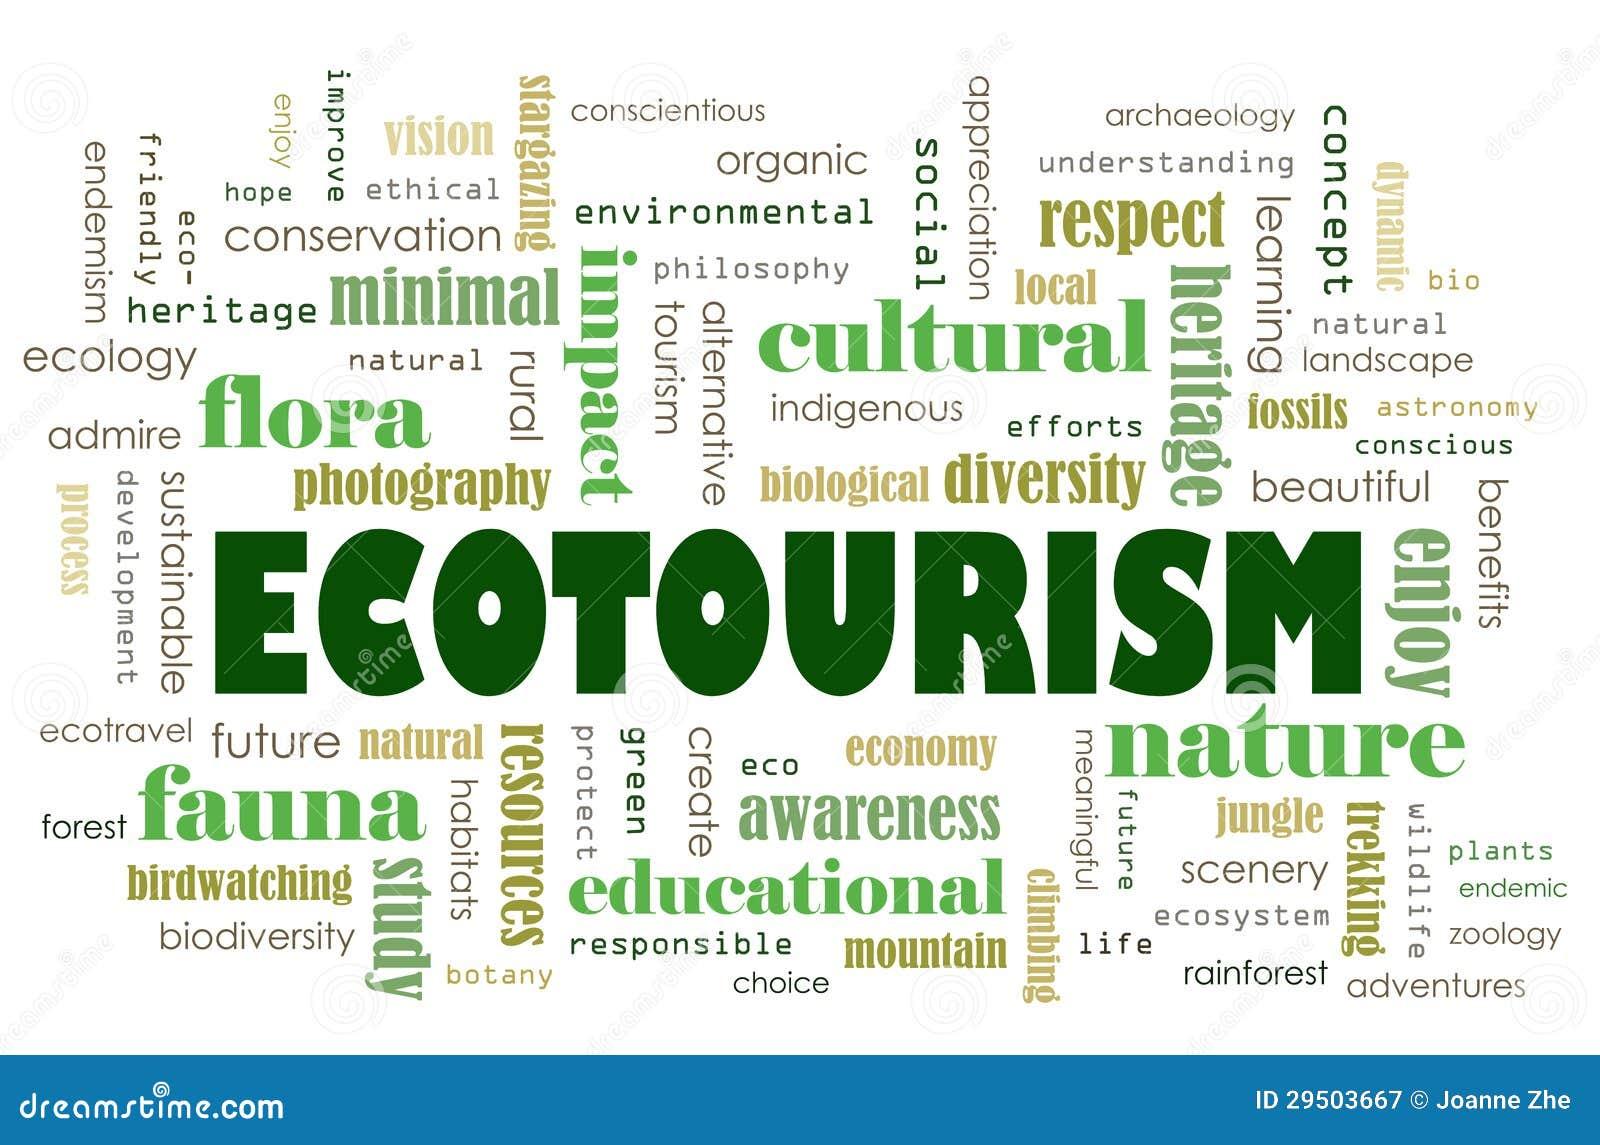 ecotourism gratitude tip